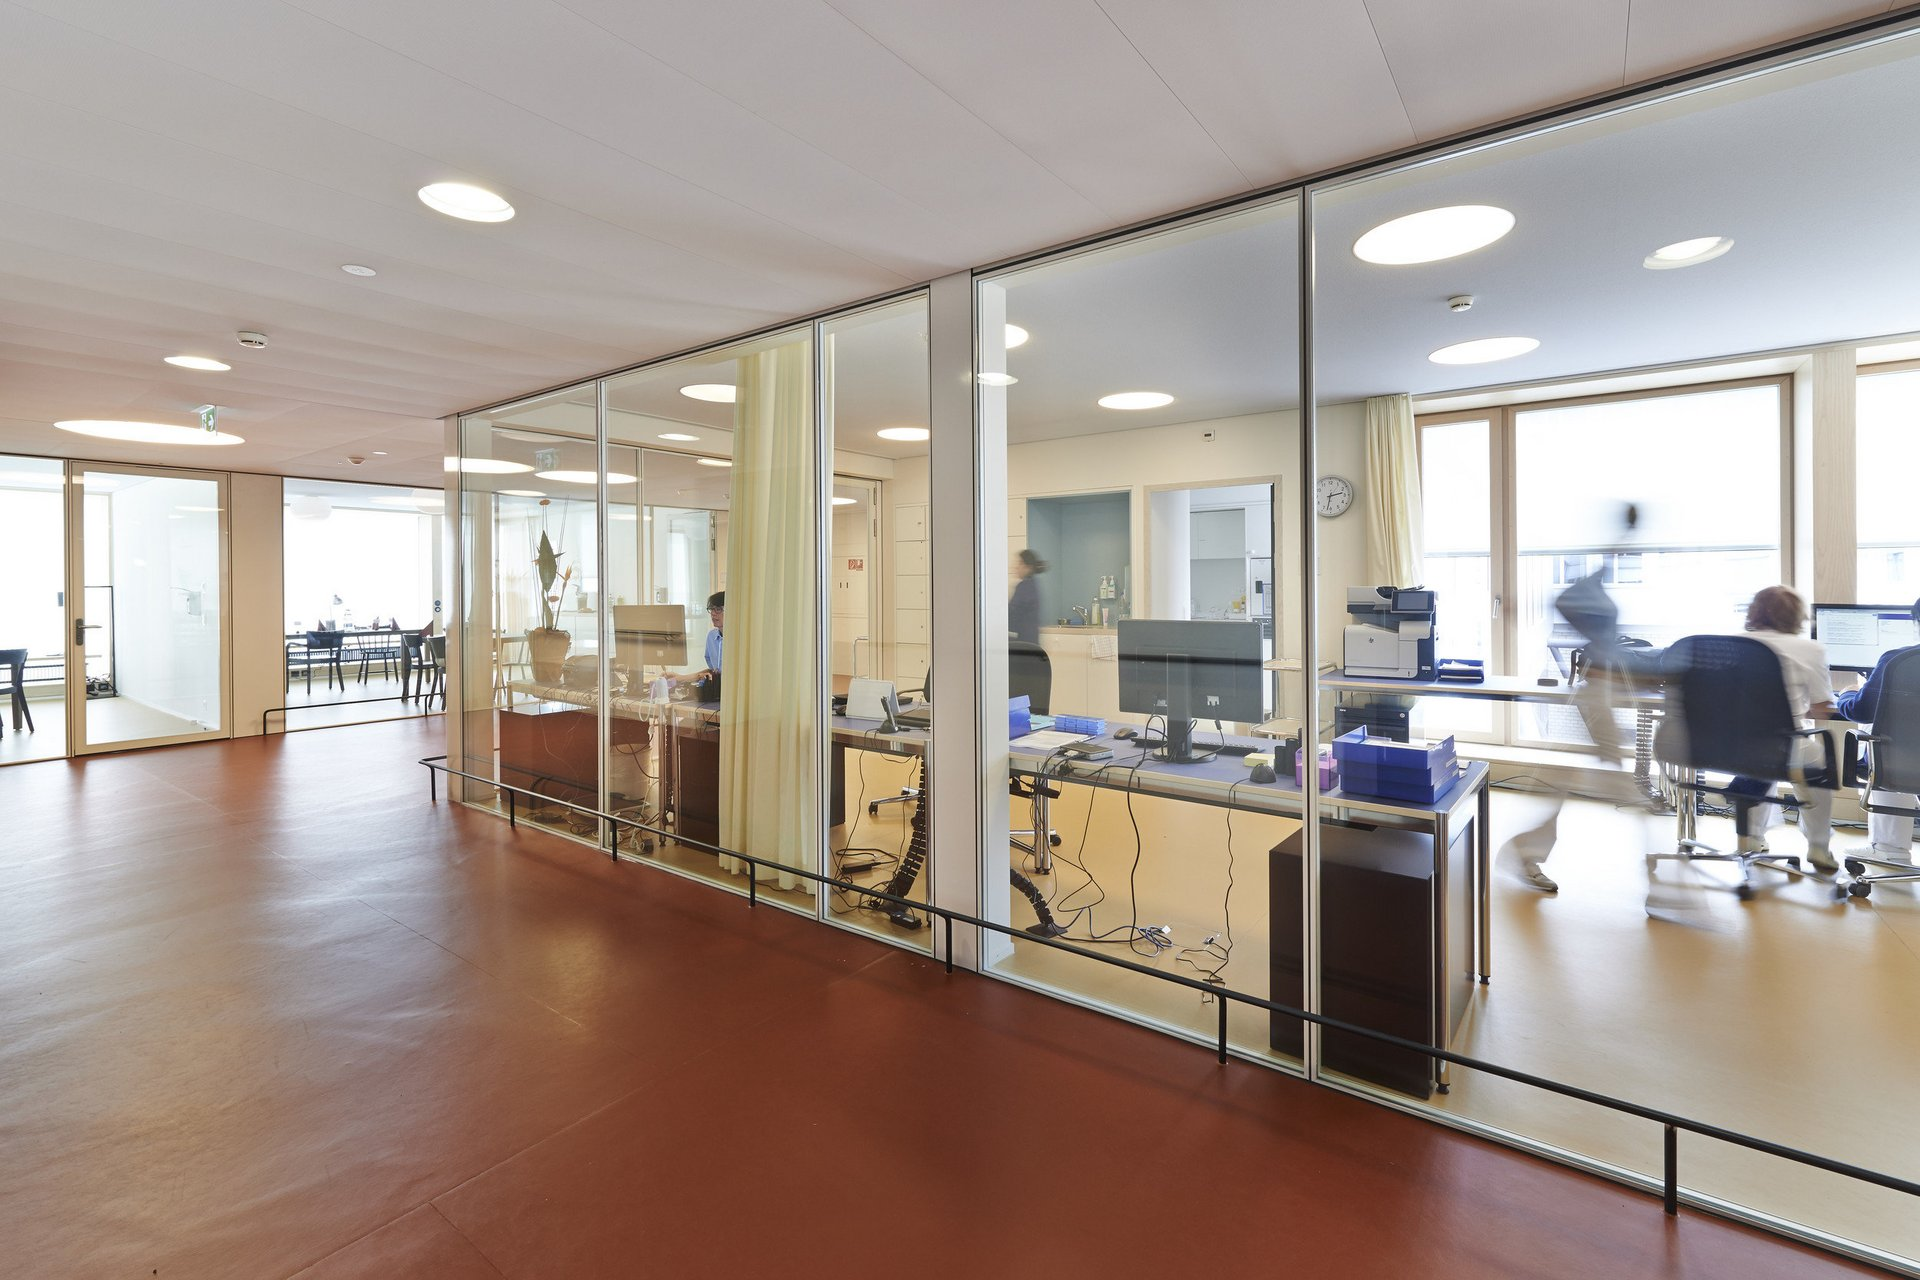 Büroabteil abgetrennt zum Flur durch lichtspendende Indoorfenster